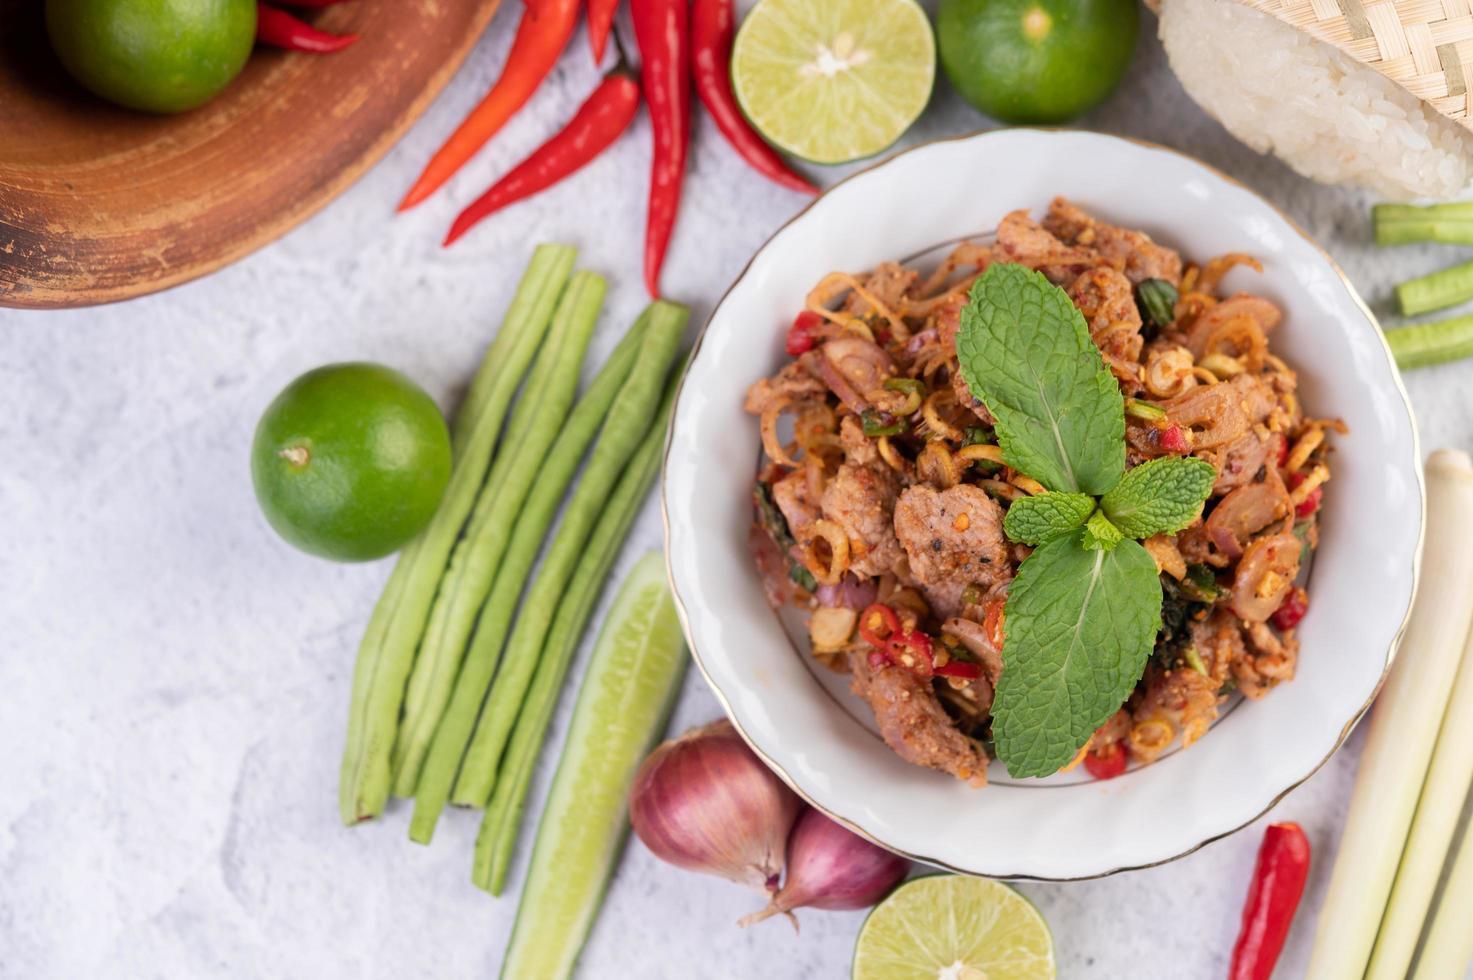 un piatto di carne di maiale tritata con gli ingredienti foto